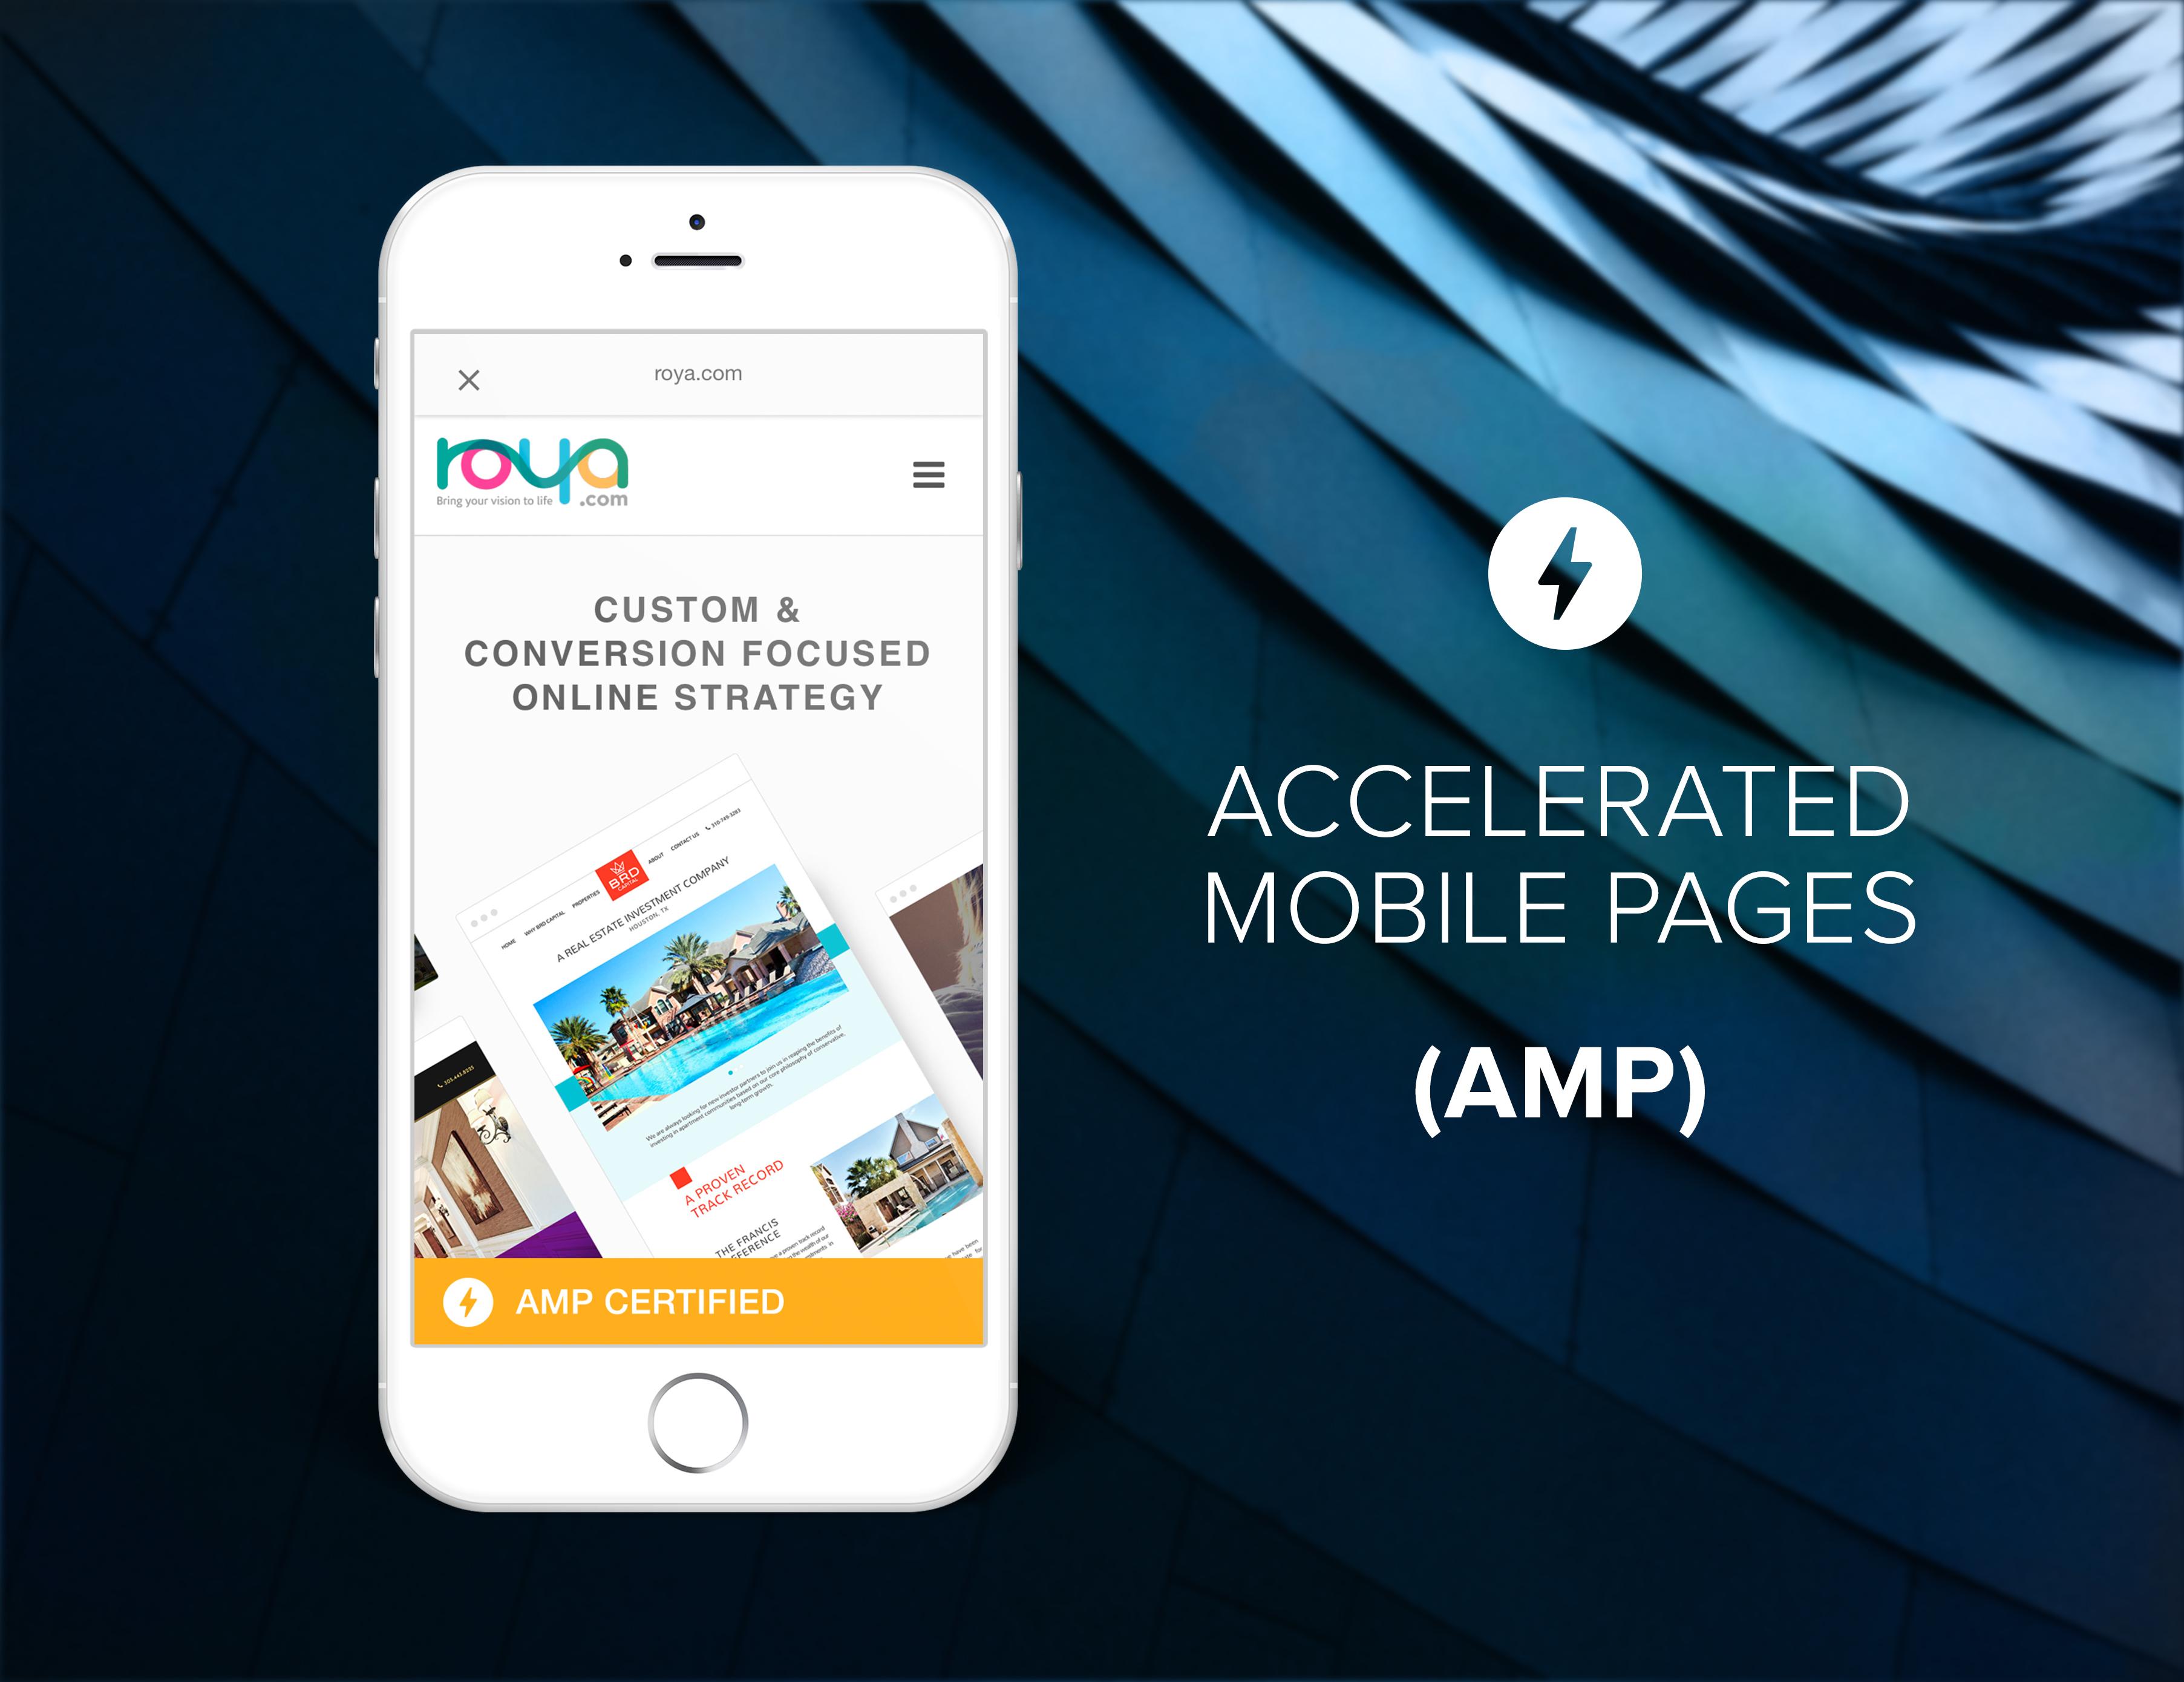 Roya.com AMP